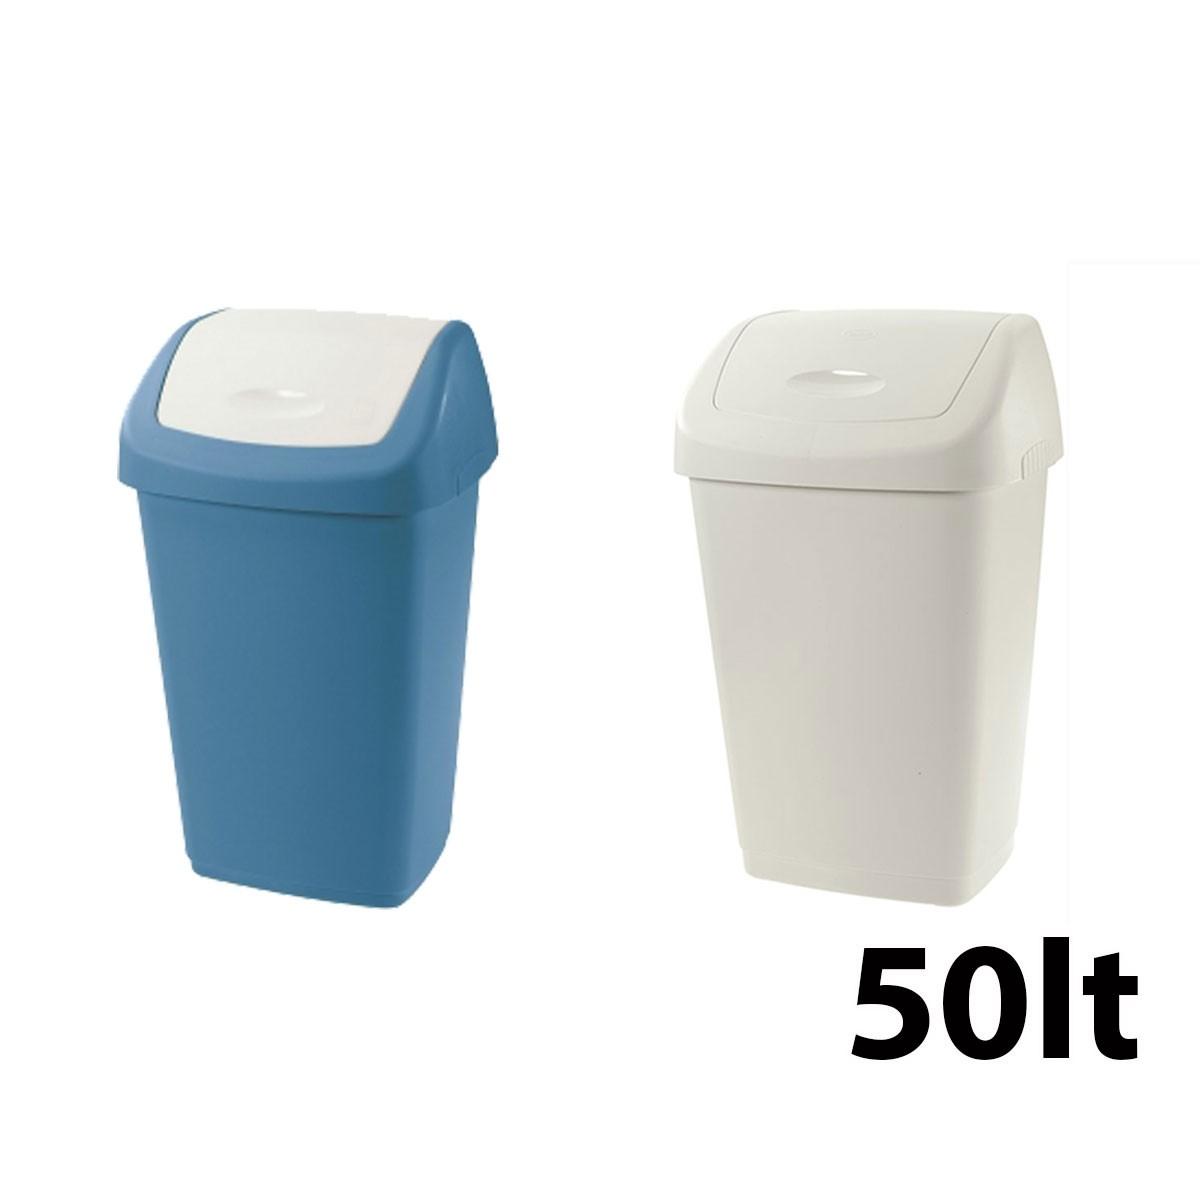 Πλαστικός κάδος Tontarelli Aurora με καπάκι Push 50lt - σε 2 χρώματα